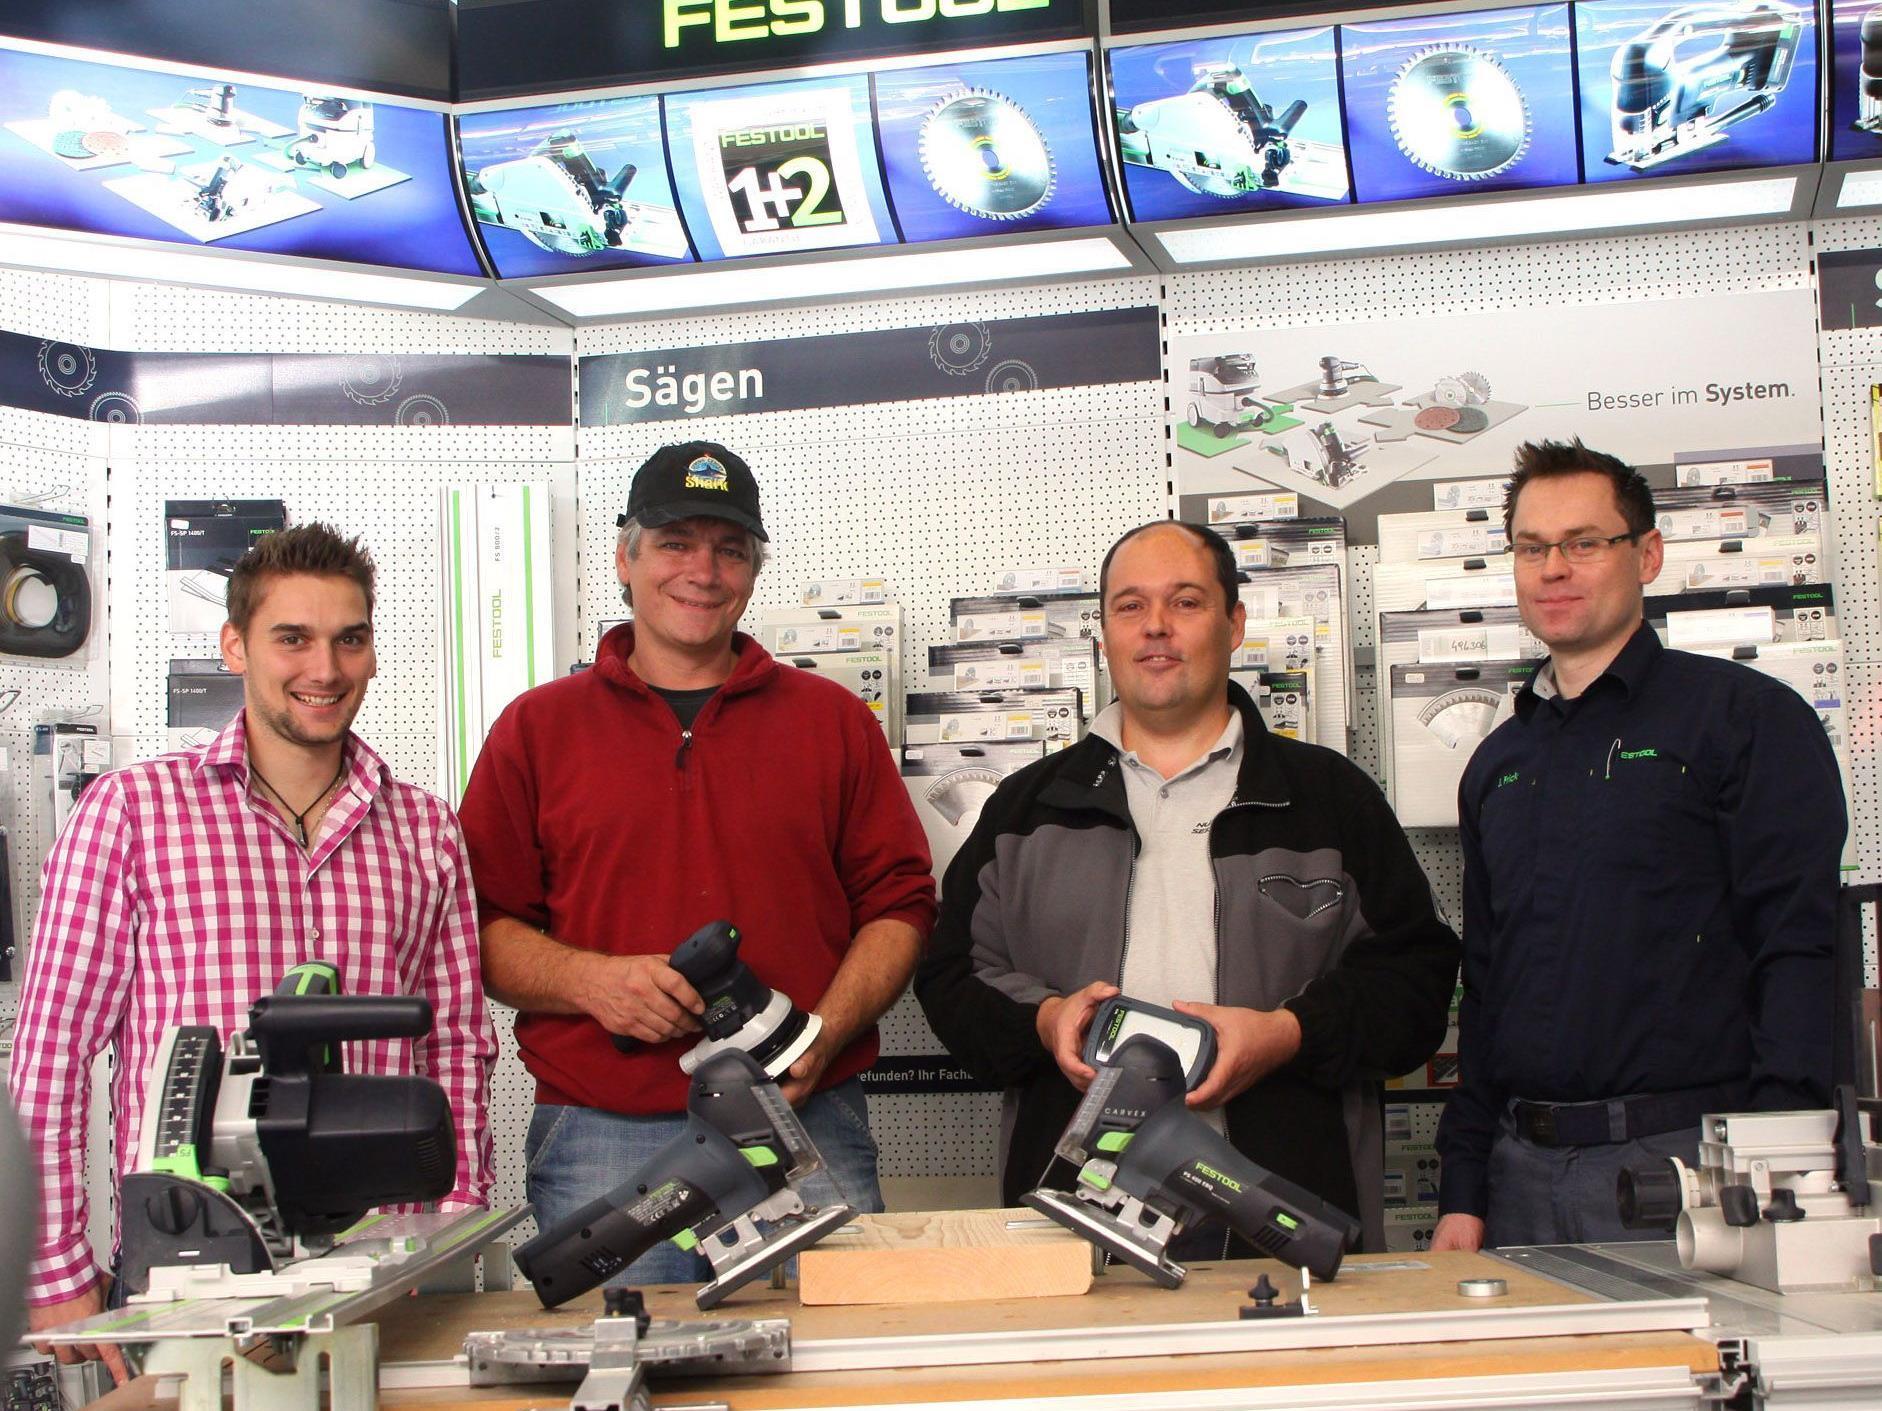 (v.l.) Manuel Flöry (Fa. Zimmermann), die Gewinner Gerhard Reinher und Peter Nußbaumer sowie Johannes Frick, Gebietsverkaufsleiter der Firma Festool.